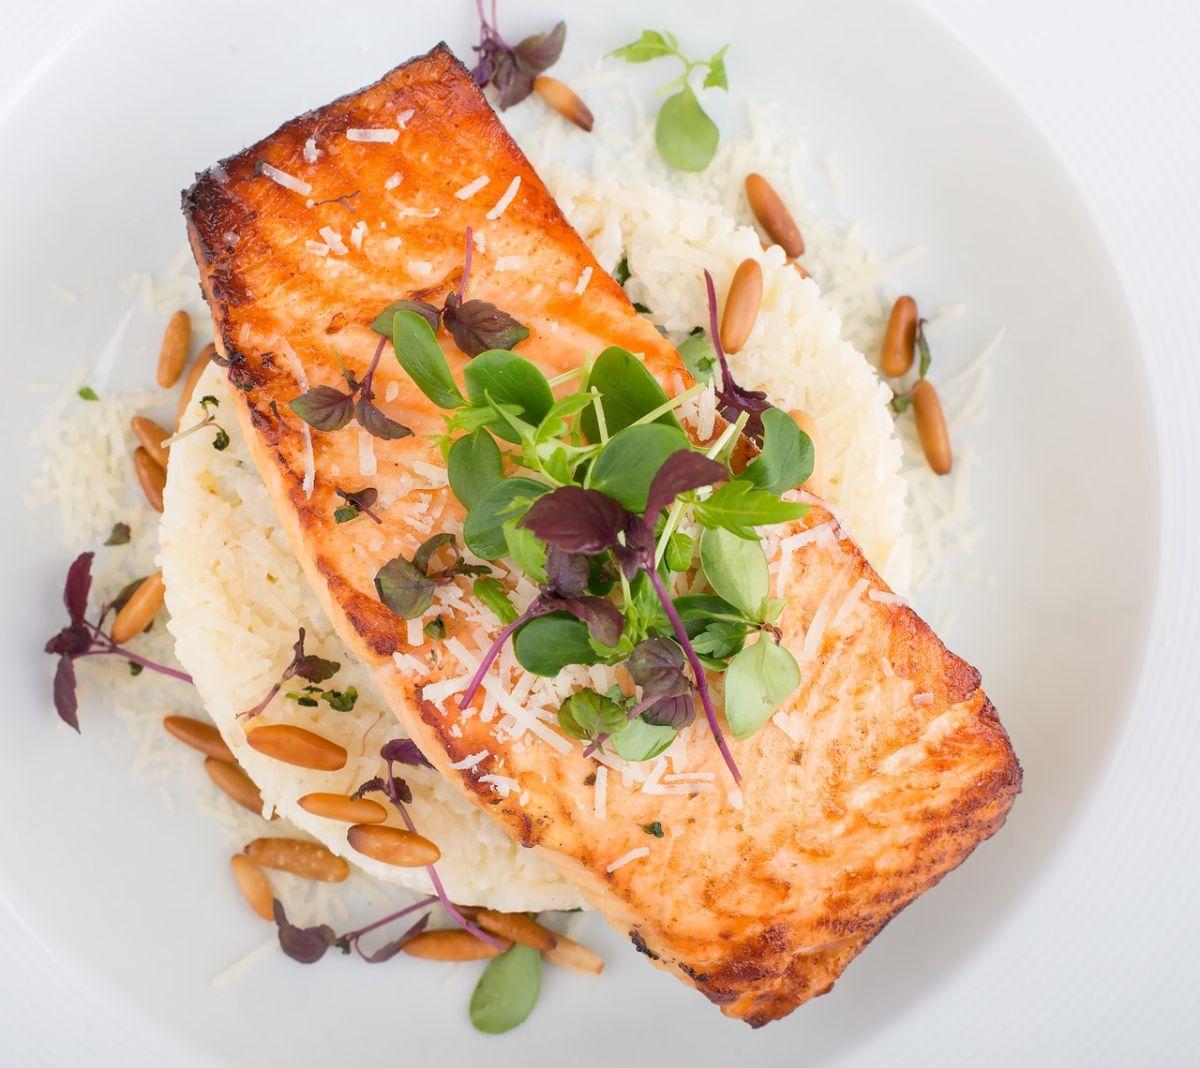 El consumo de pescado graso puede aumentar los niveles de omega 3 en sangre.